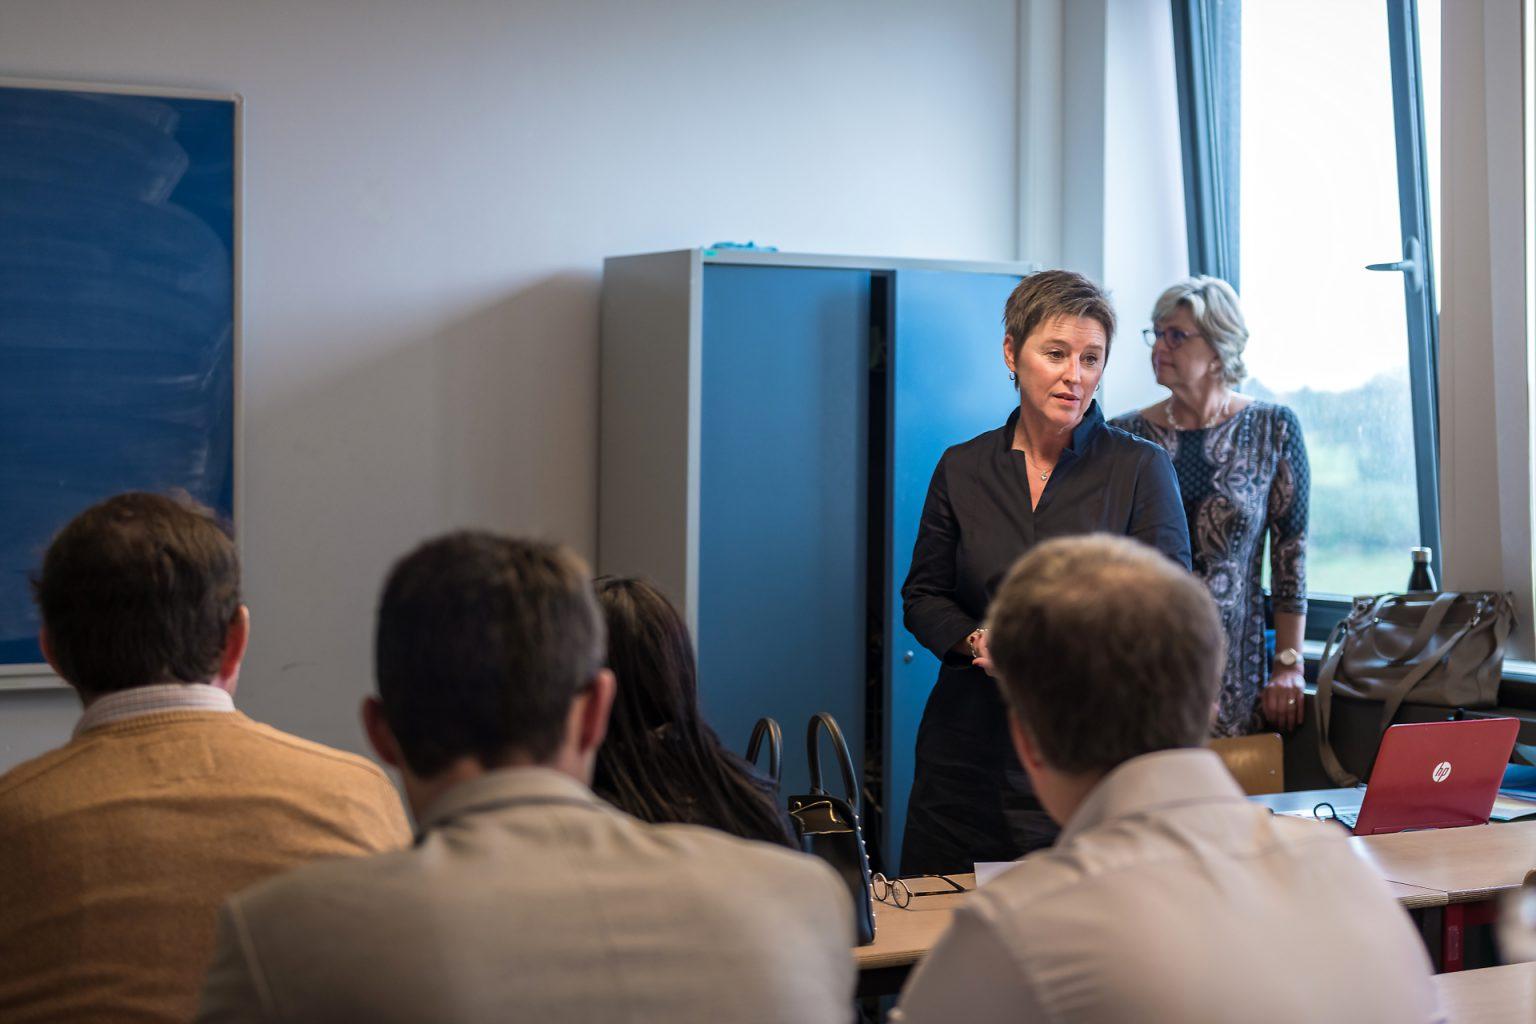 Sylvie Duroisin directire du département comptabilité de la HelHA présentant la section Comptabilité de l'HelHA, Rencontres Anciens-Etudiants à l'HelHA Mons, par Aurore Delsoir photographe d'entreprise